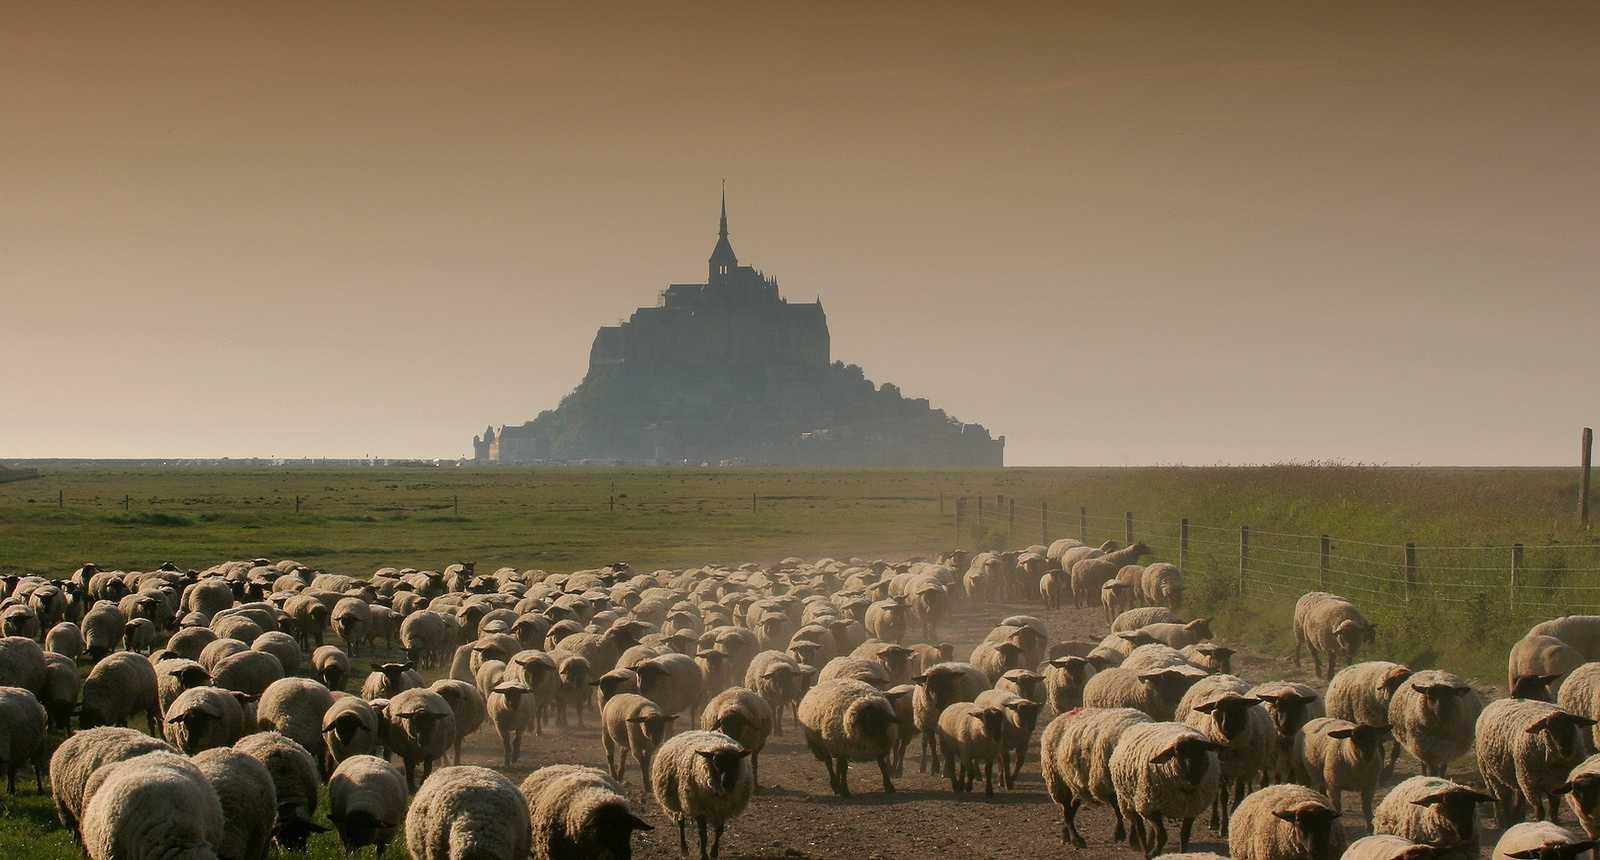 Les moutons de la Baie du Mont-Saint-Michel